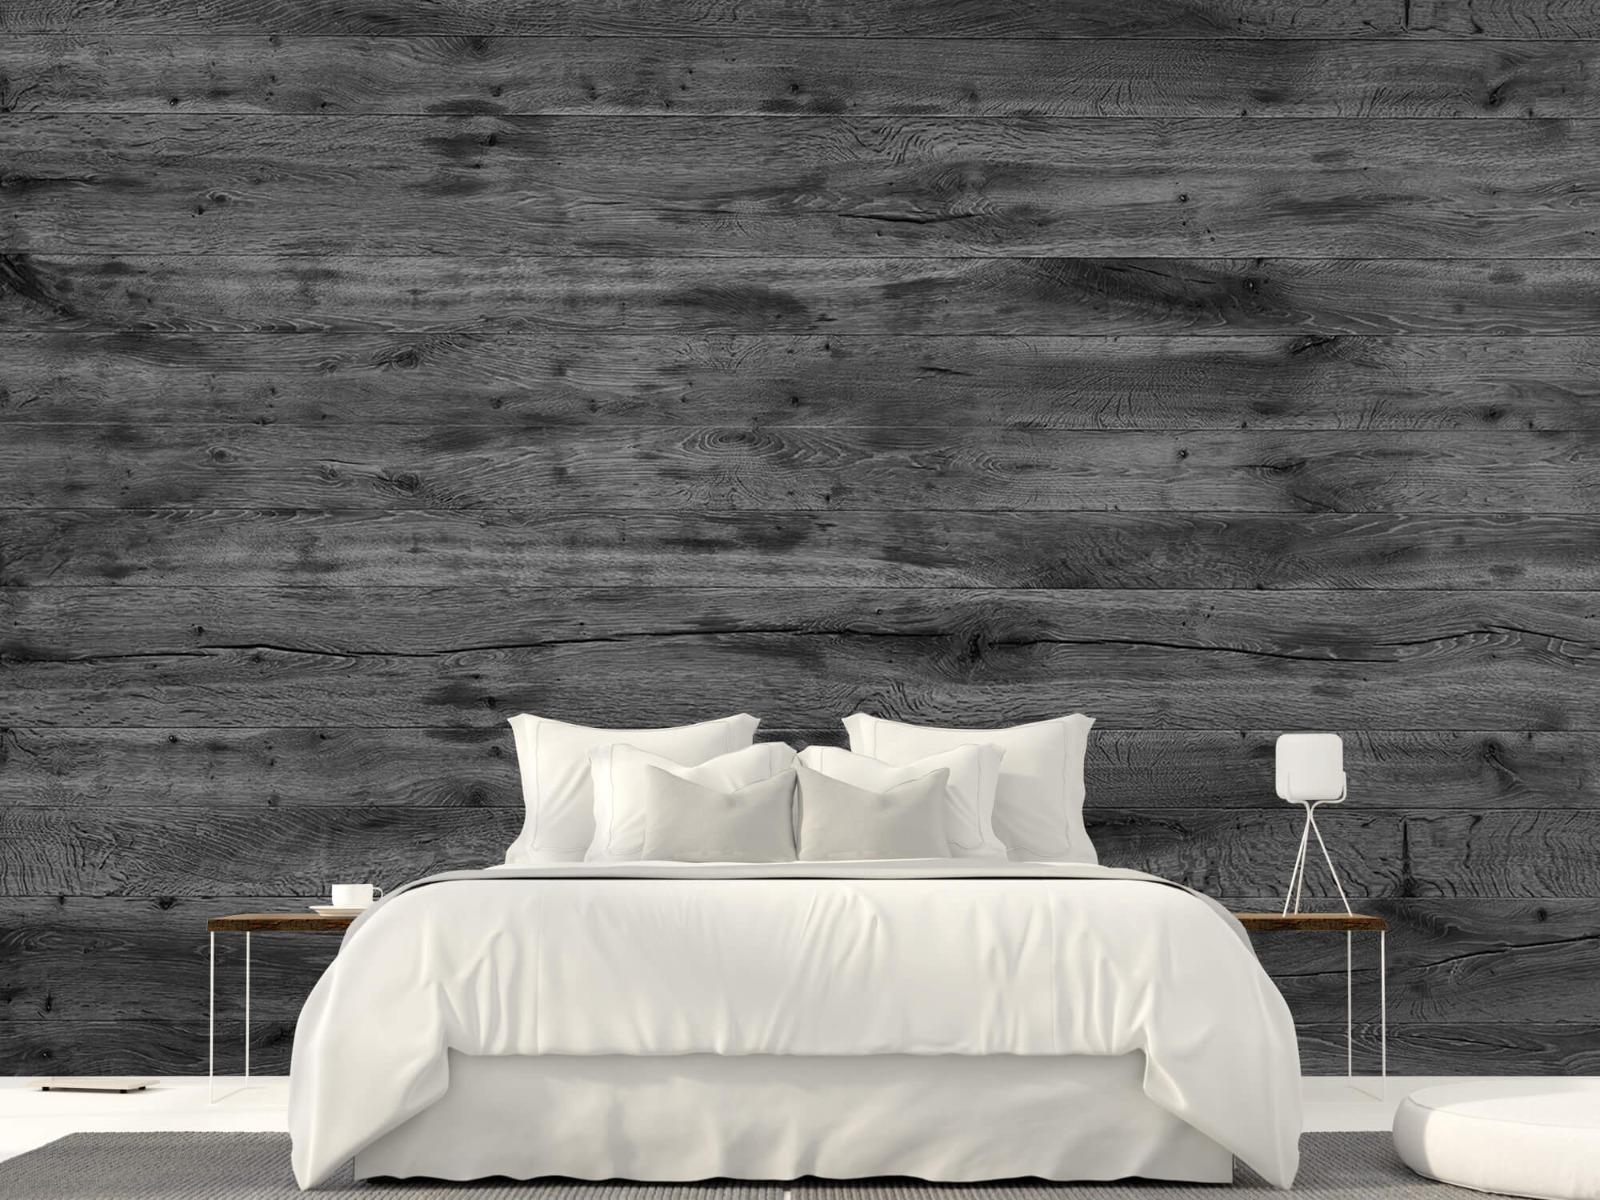 Hout behang - Grijze houten planken - Directie 24